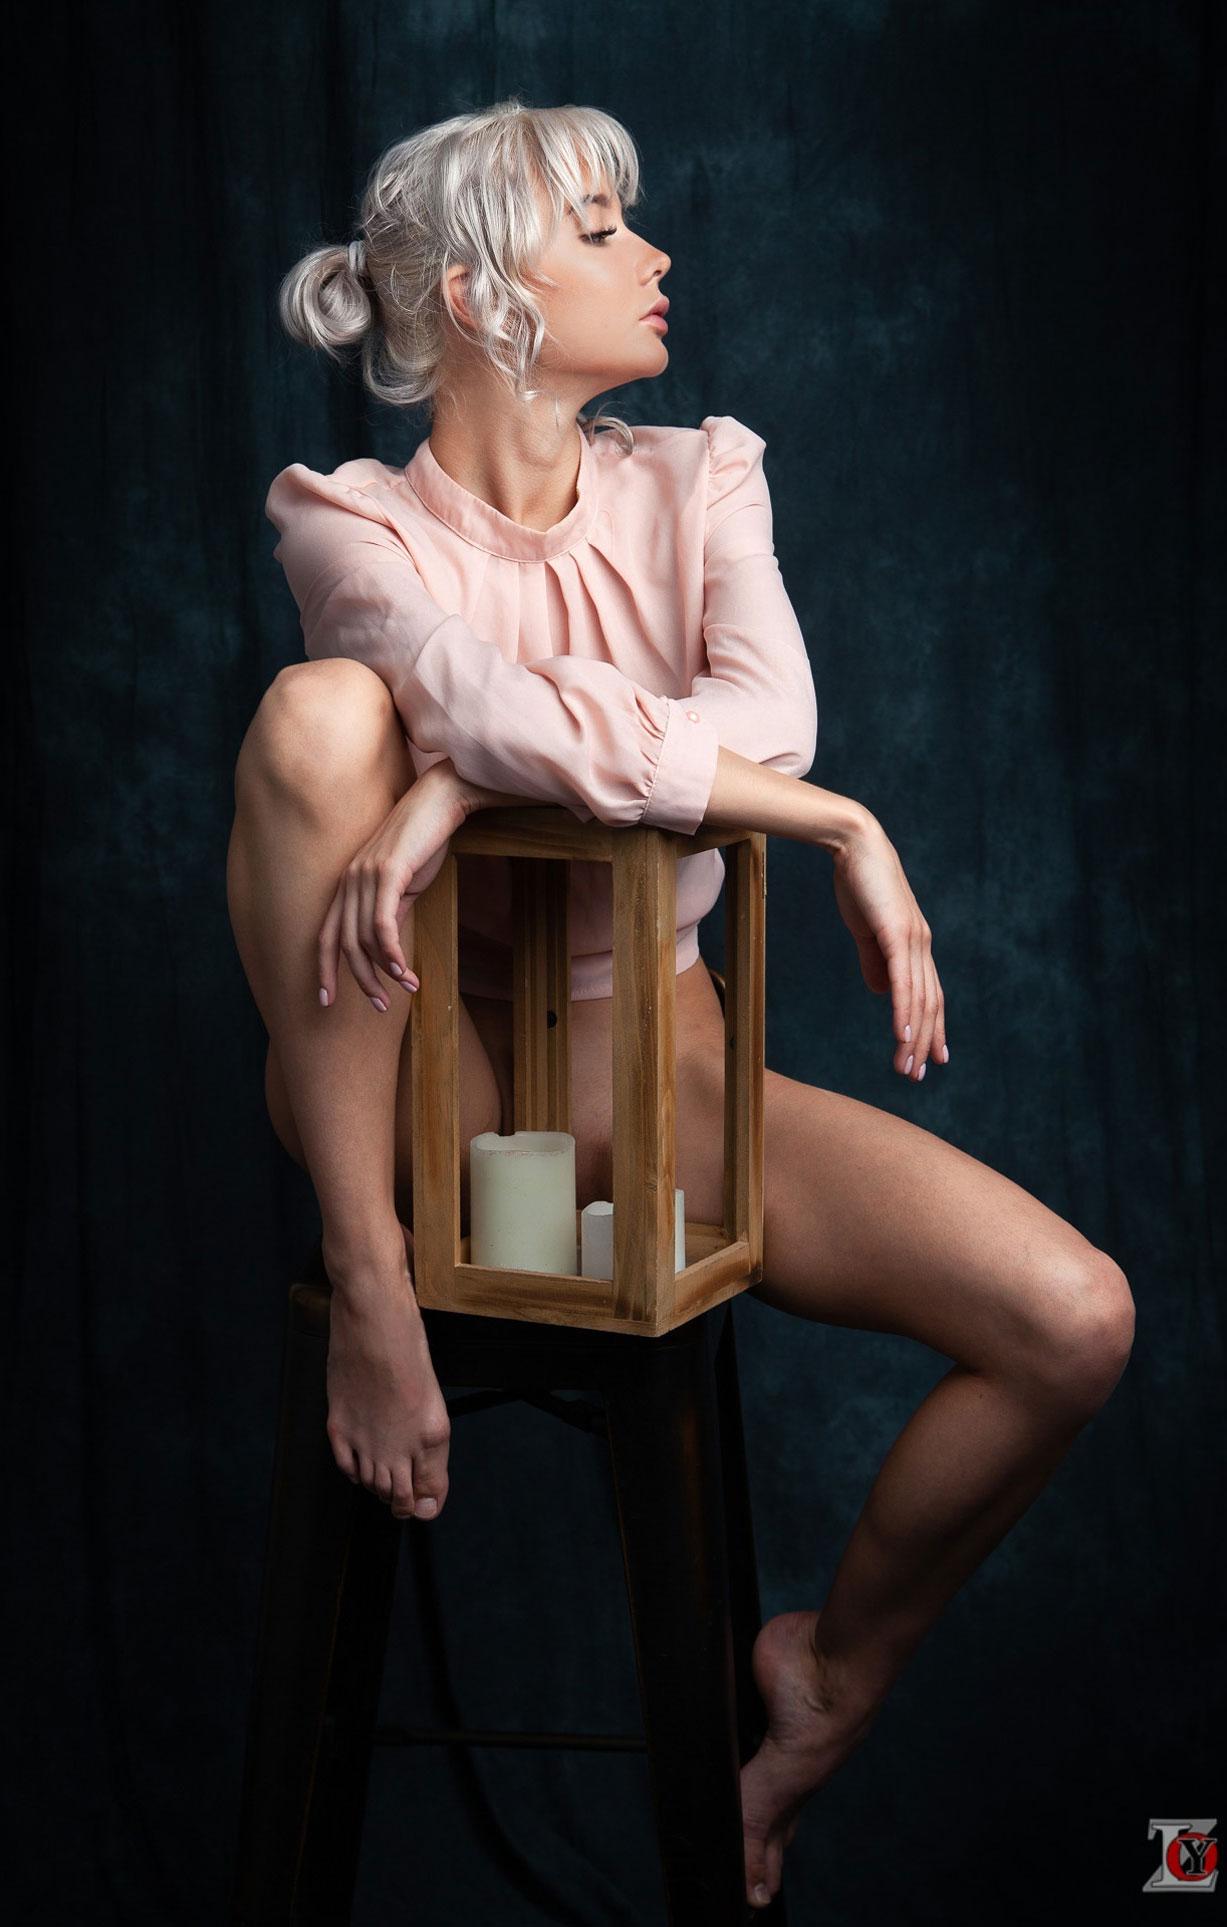 Екатерина Ширяева, портрет / фото 07